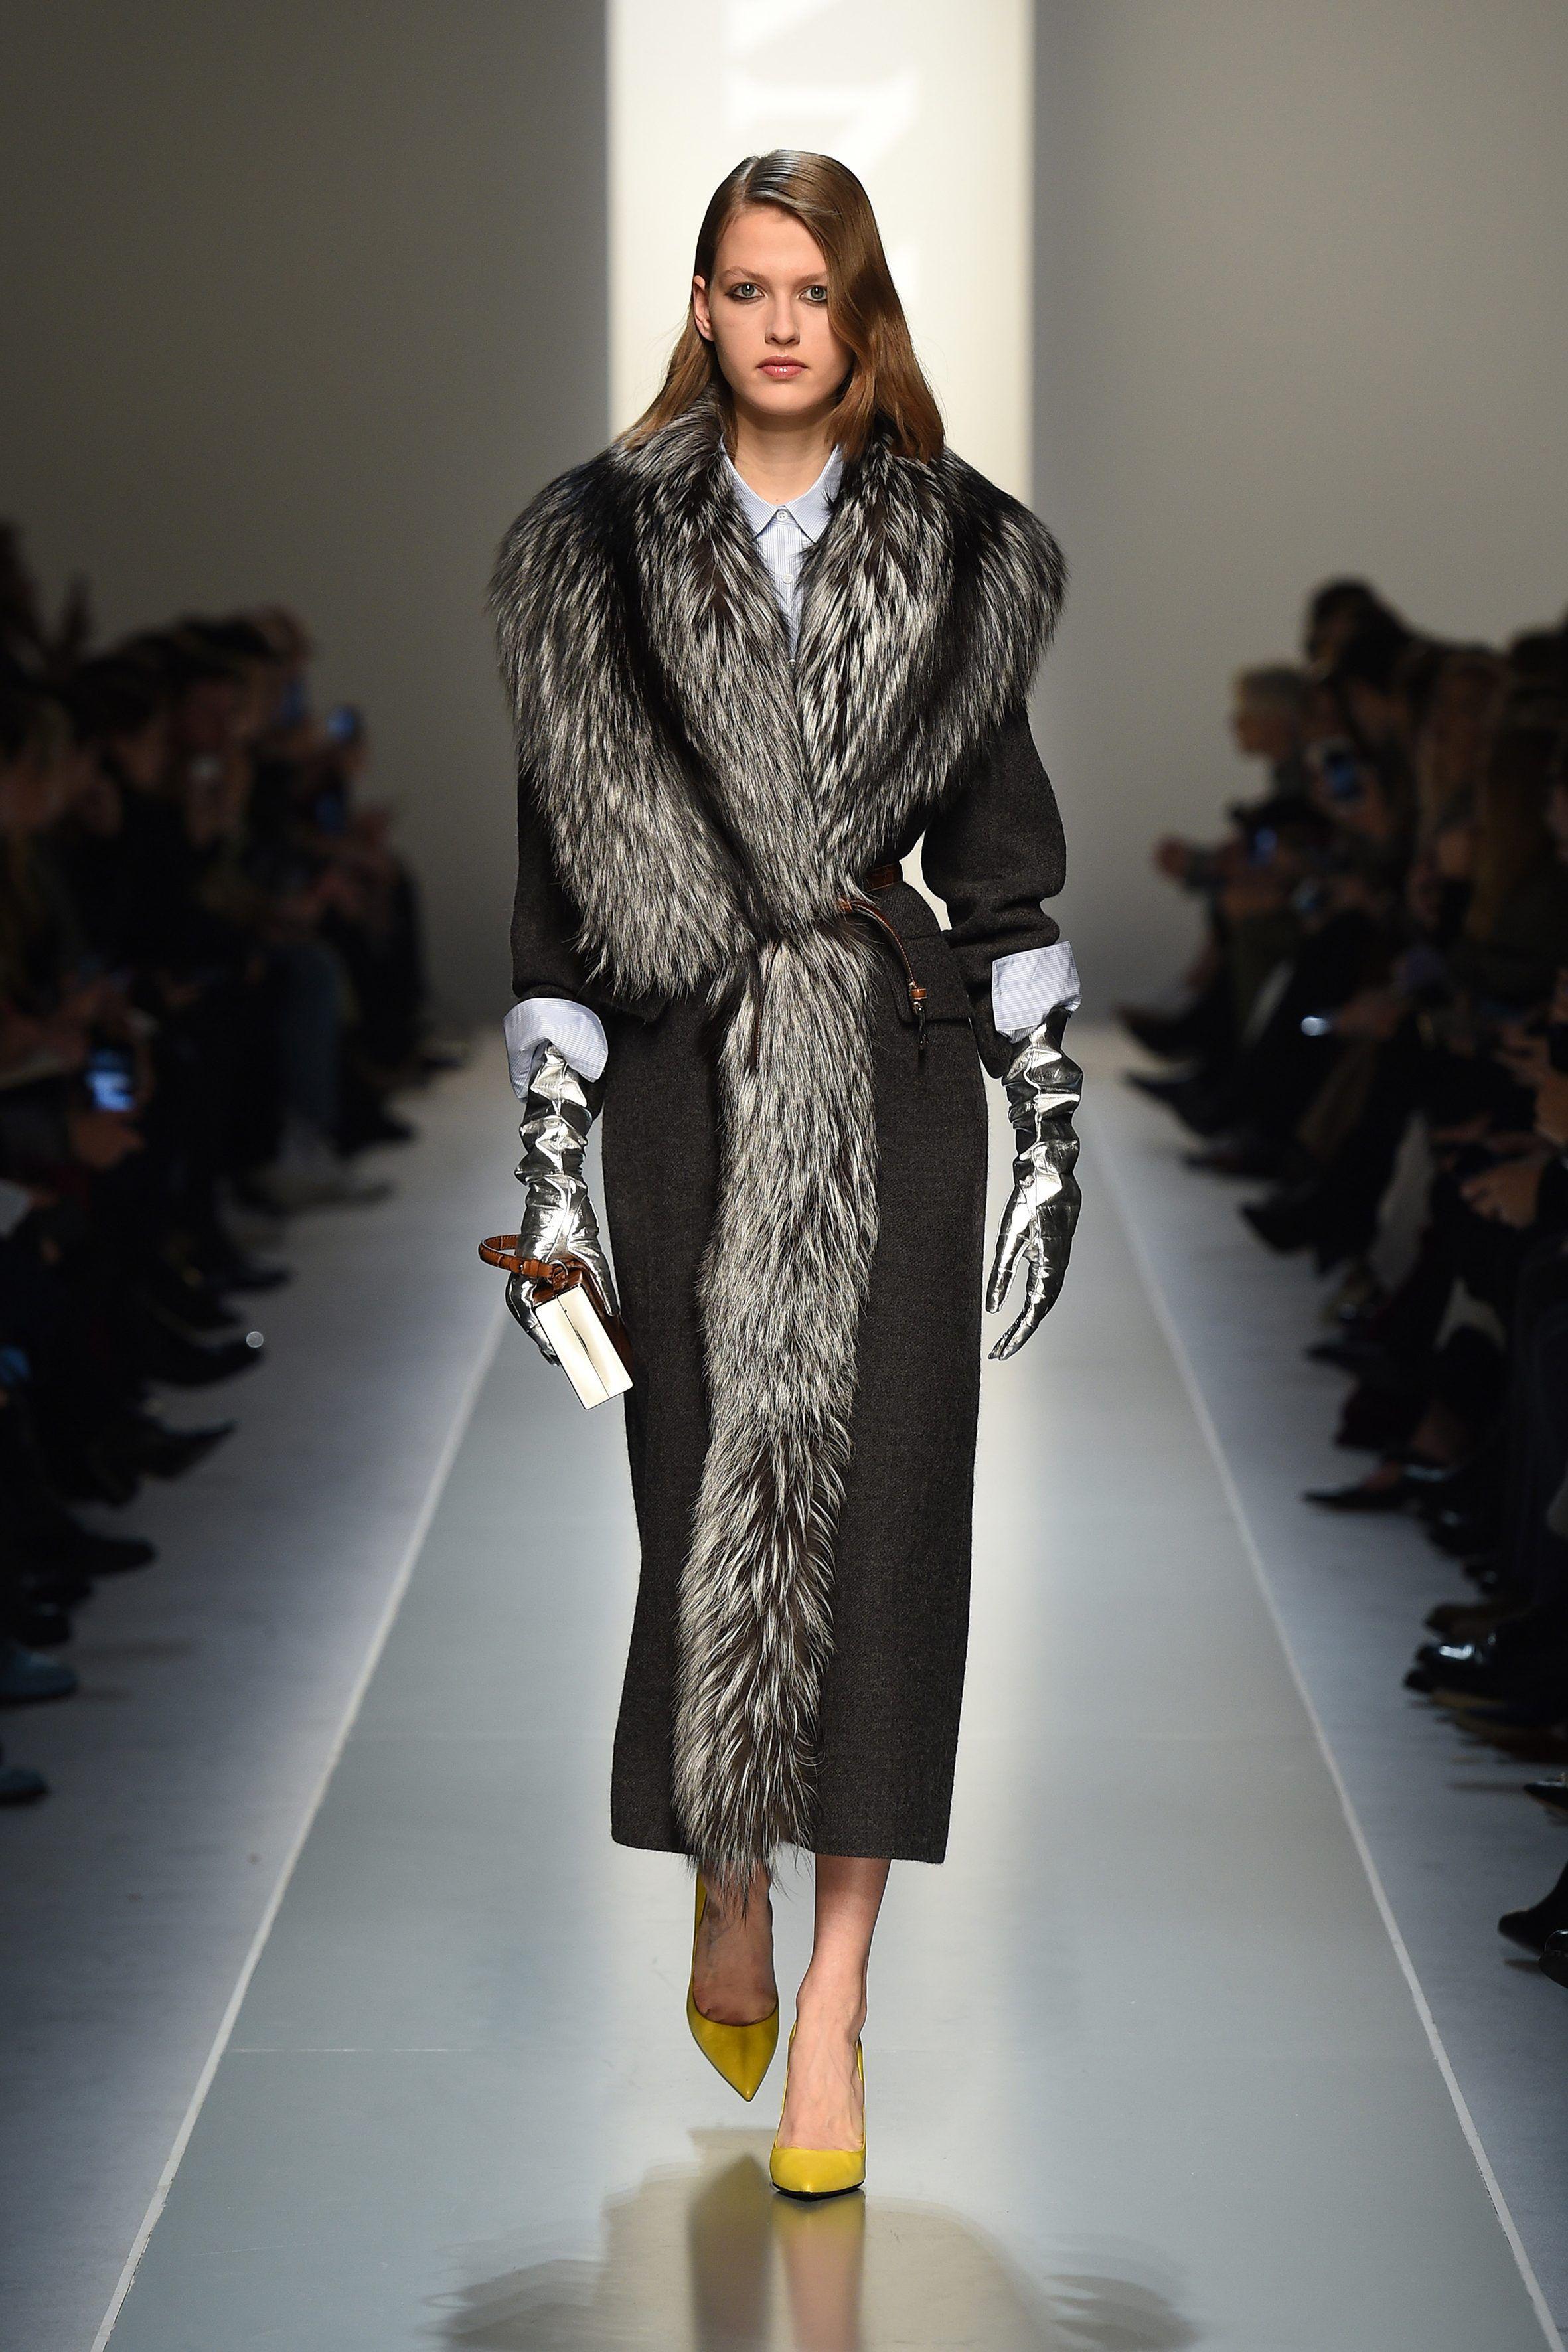 73de959b3a In occasione della Milano Fashion Week, Ermanno Scervino ha ...